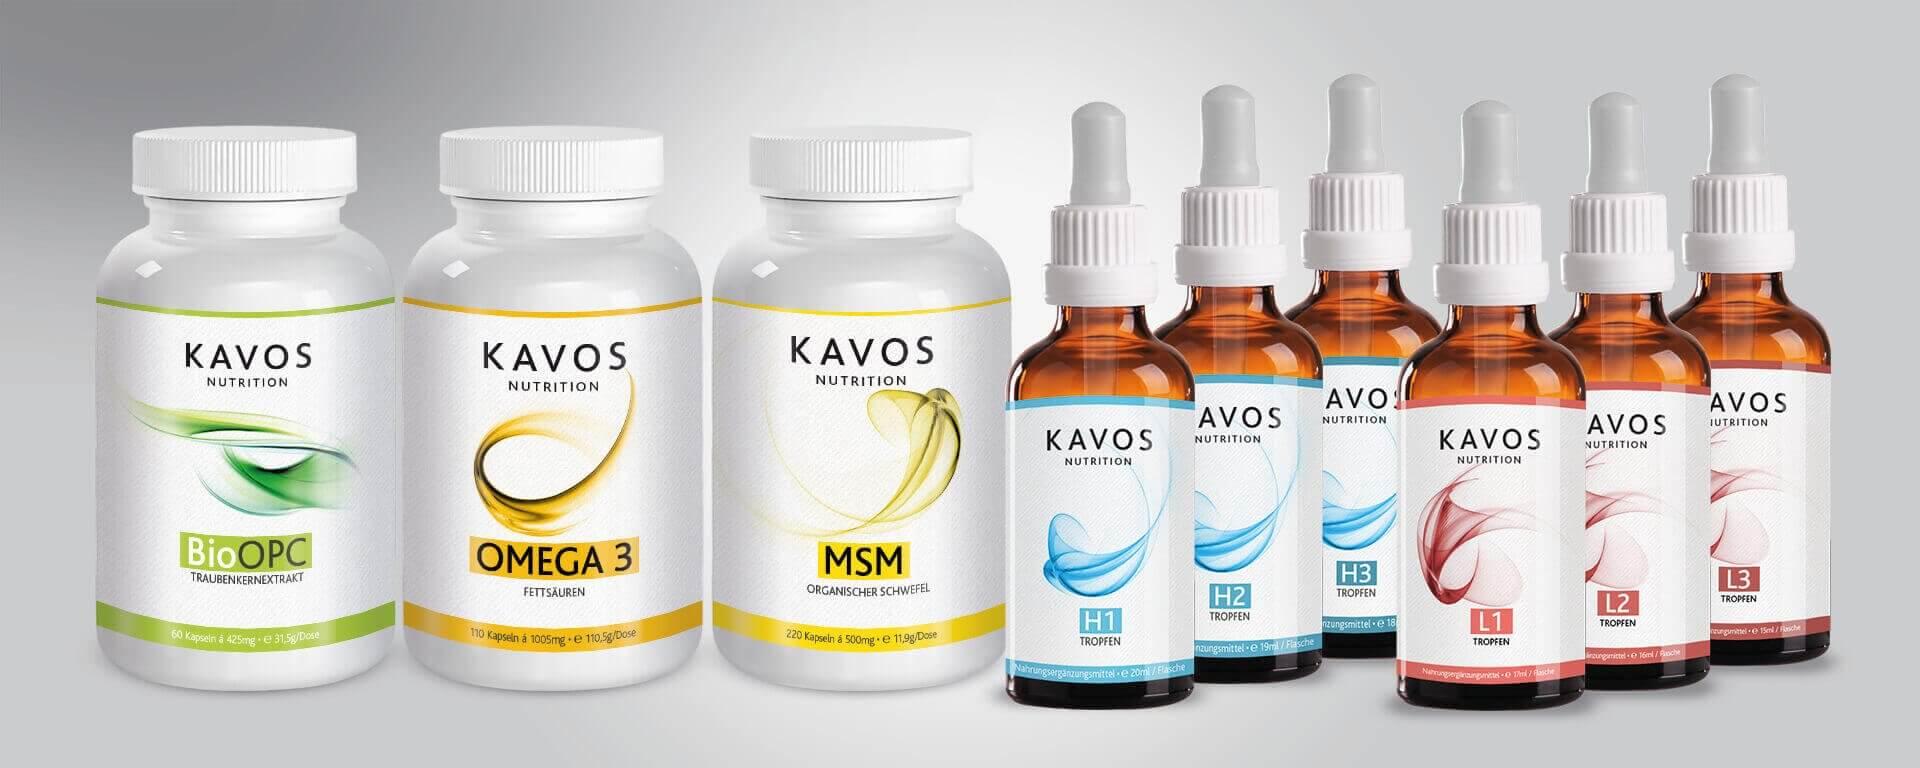 Verpackungsdesign / packaging design für Kavos